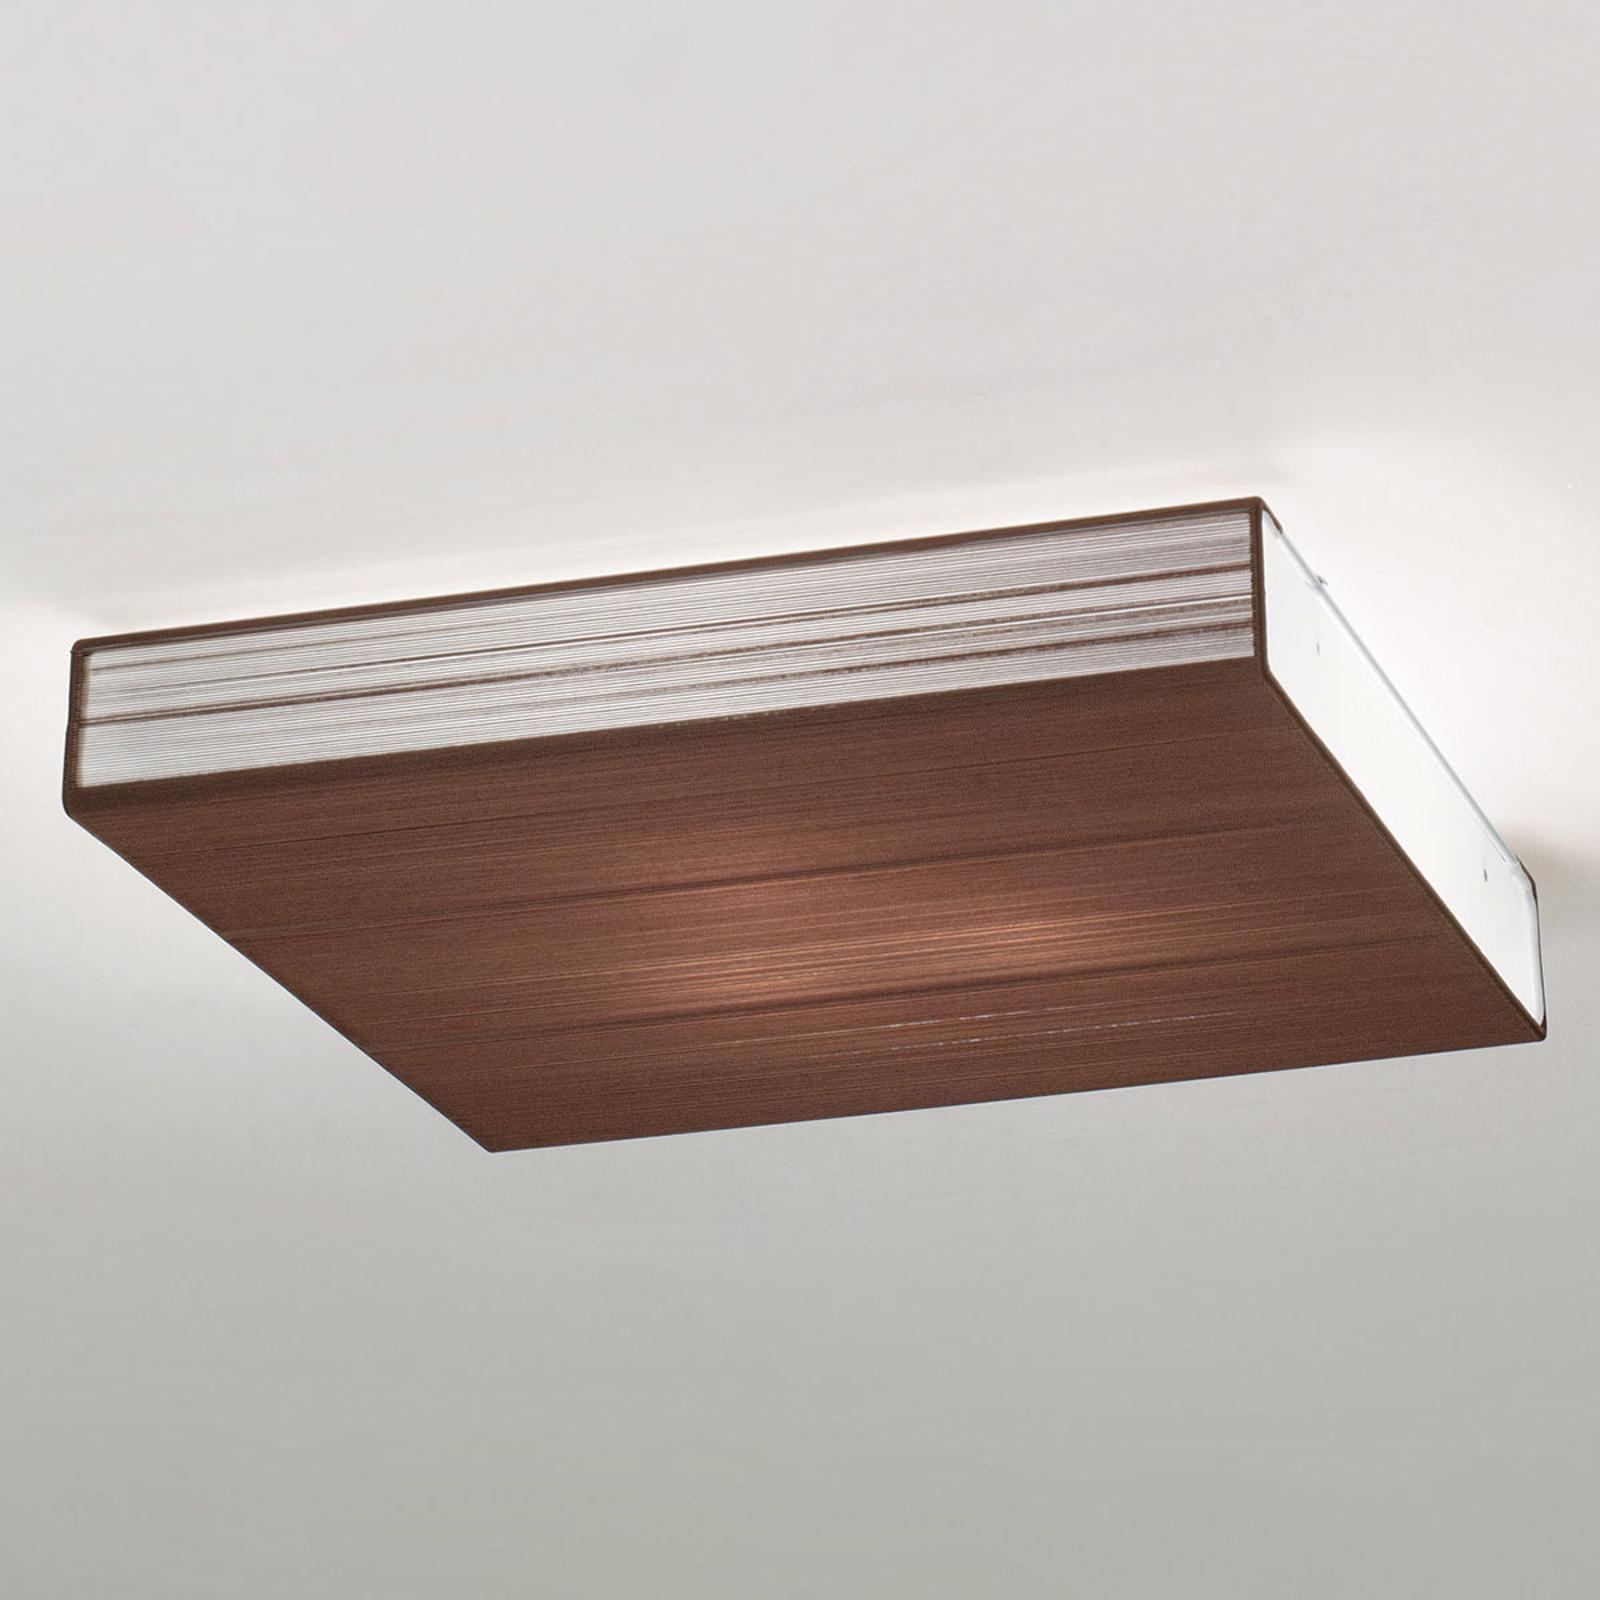 Axolight Clavius lampa sufitowa 60 cm tytoń